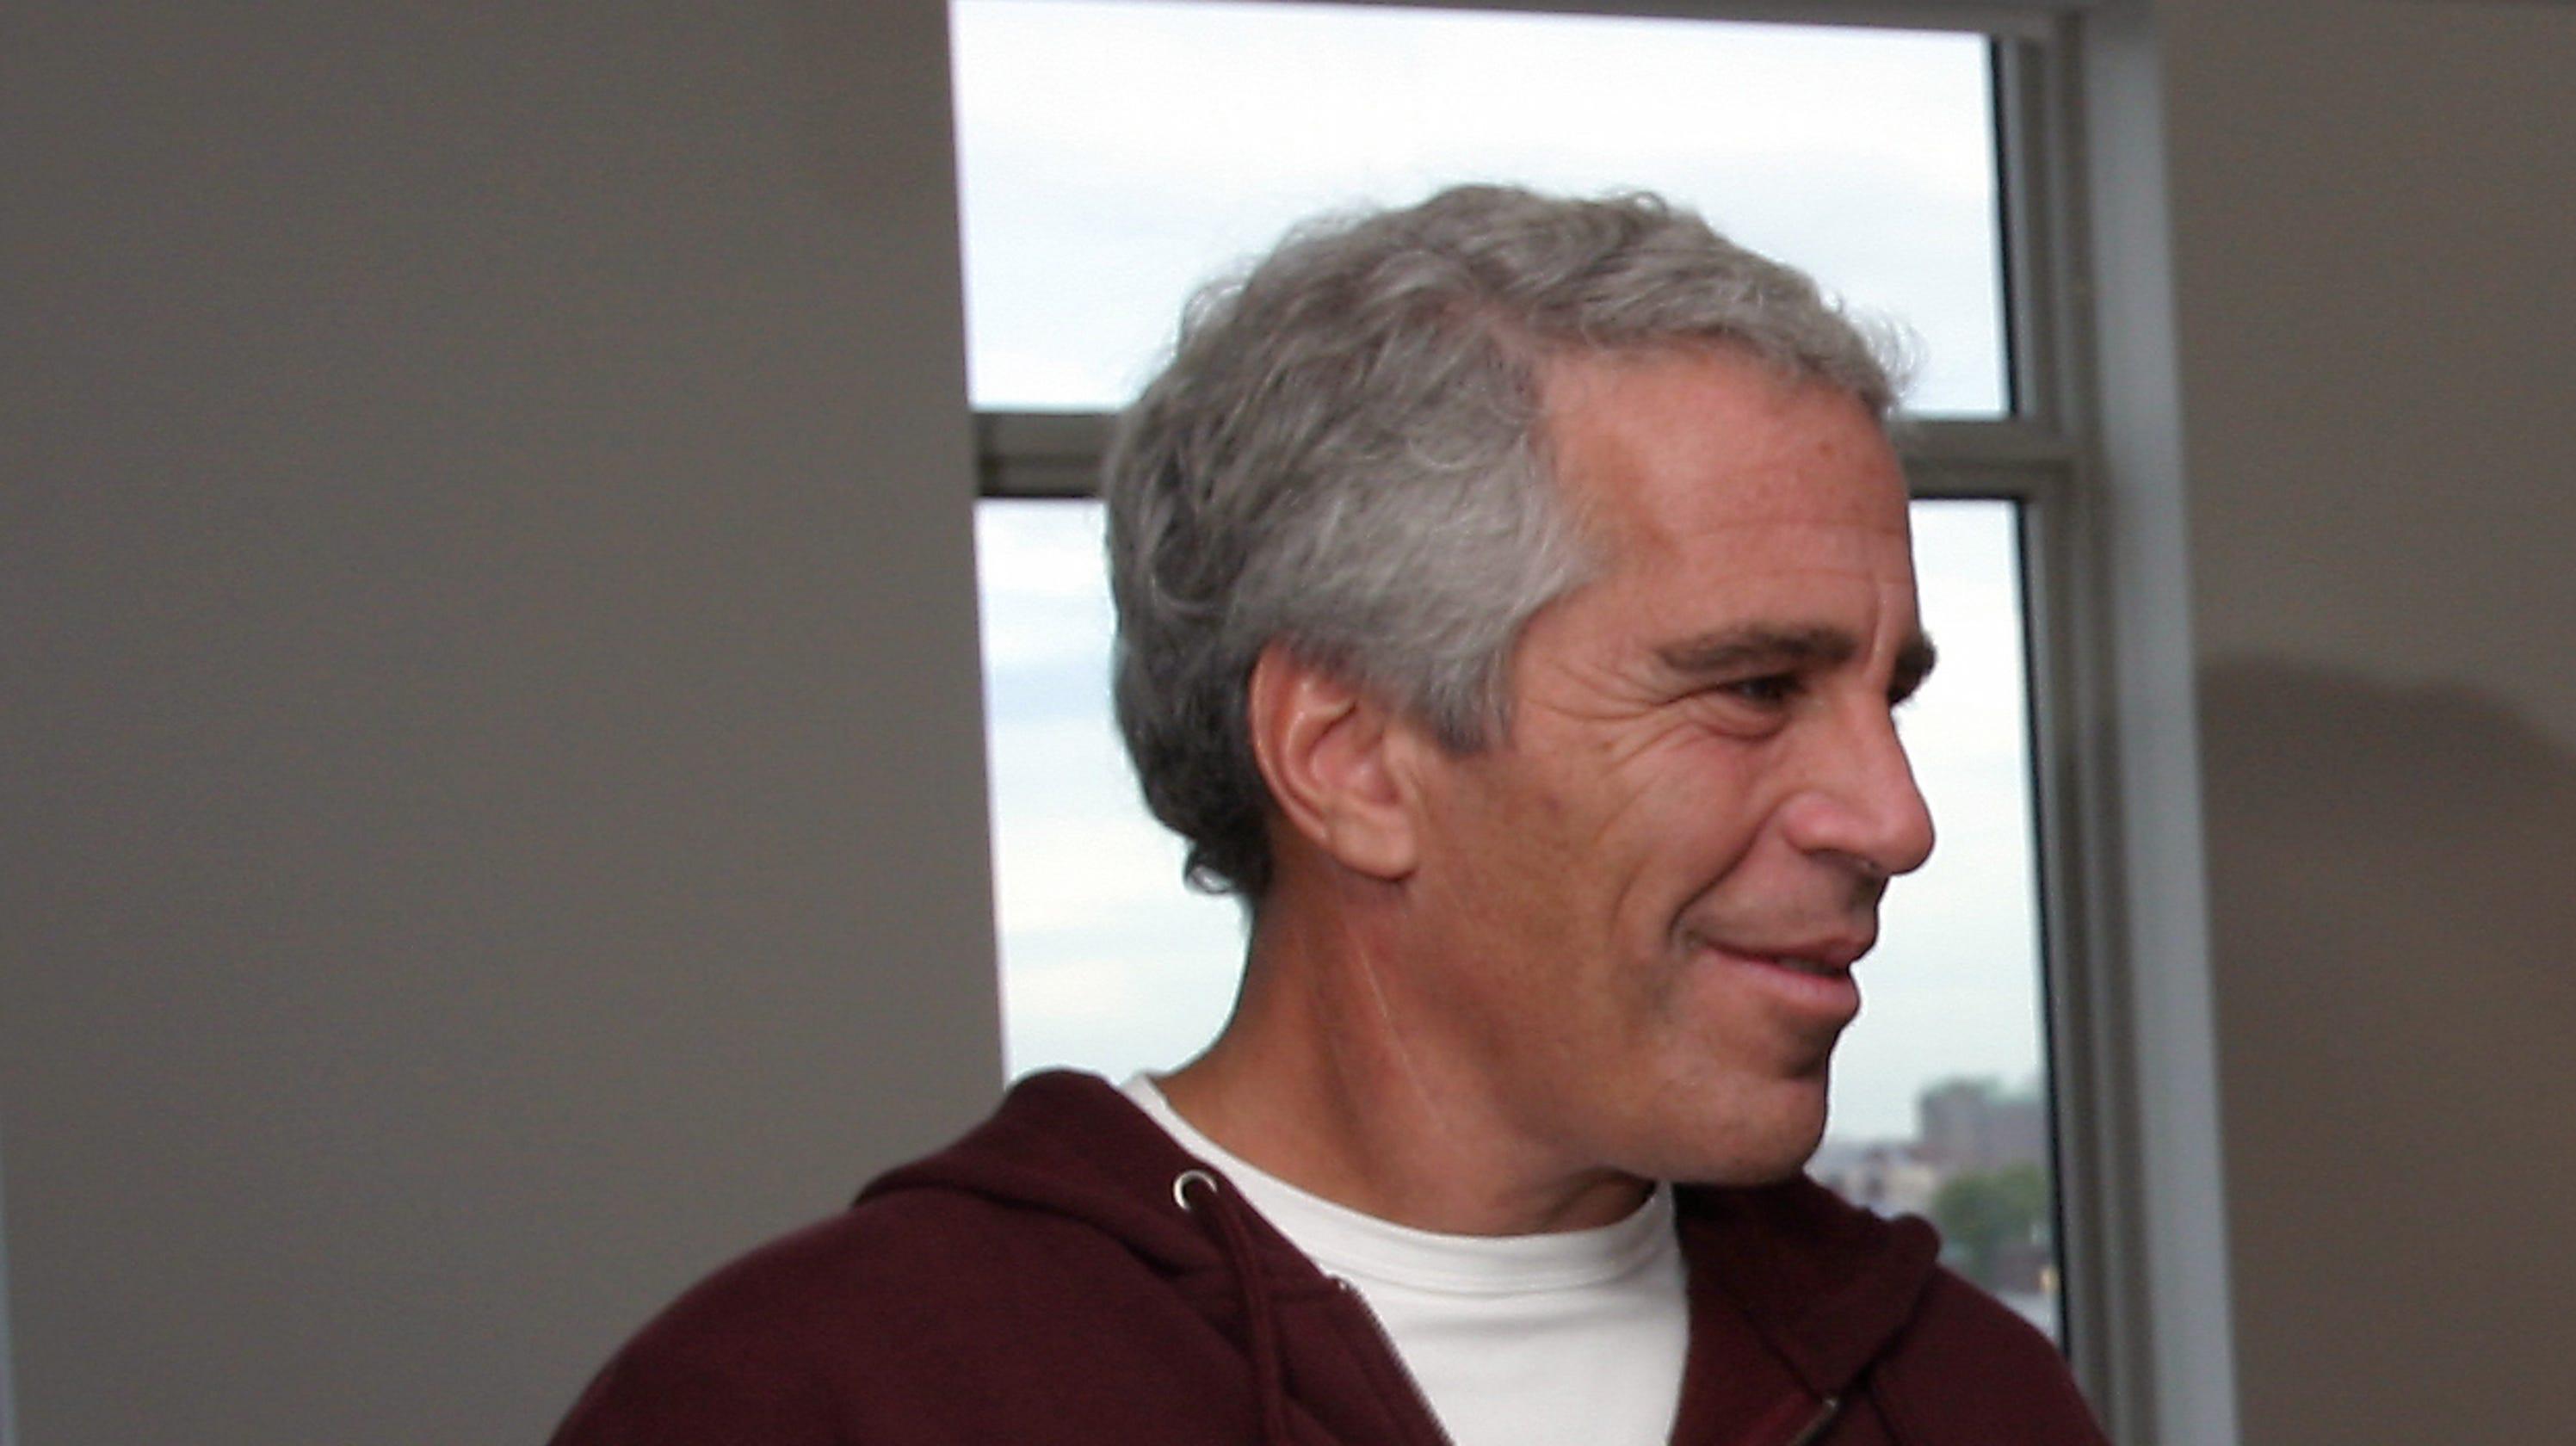 Jeffrey Epstein - Wikipedia  |Jeffrey Epstein